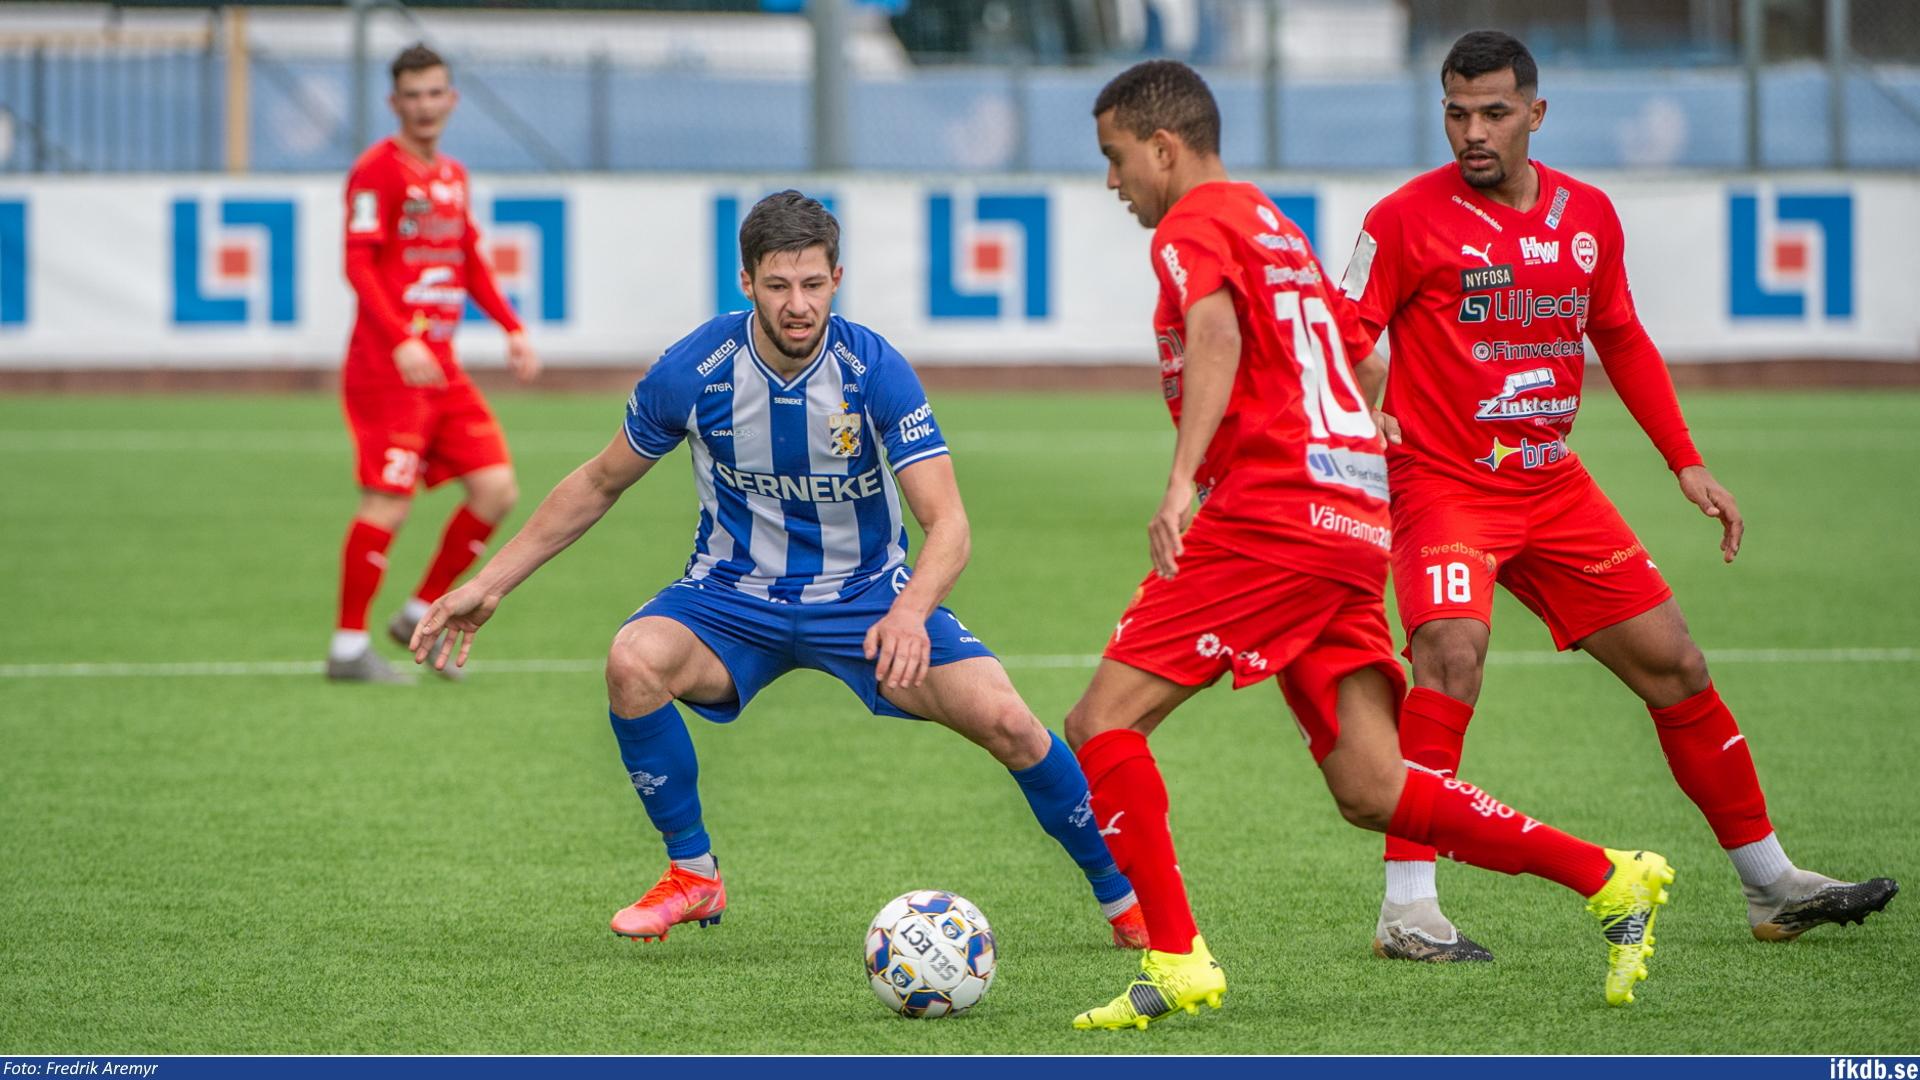 Friday 2nd of April 2021: IFK Göteborg – IFK Värnamo 3–3